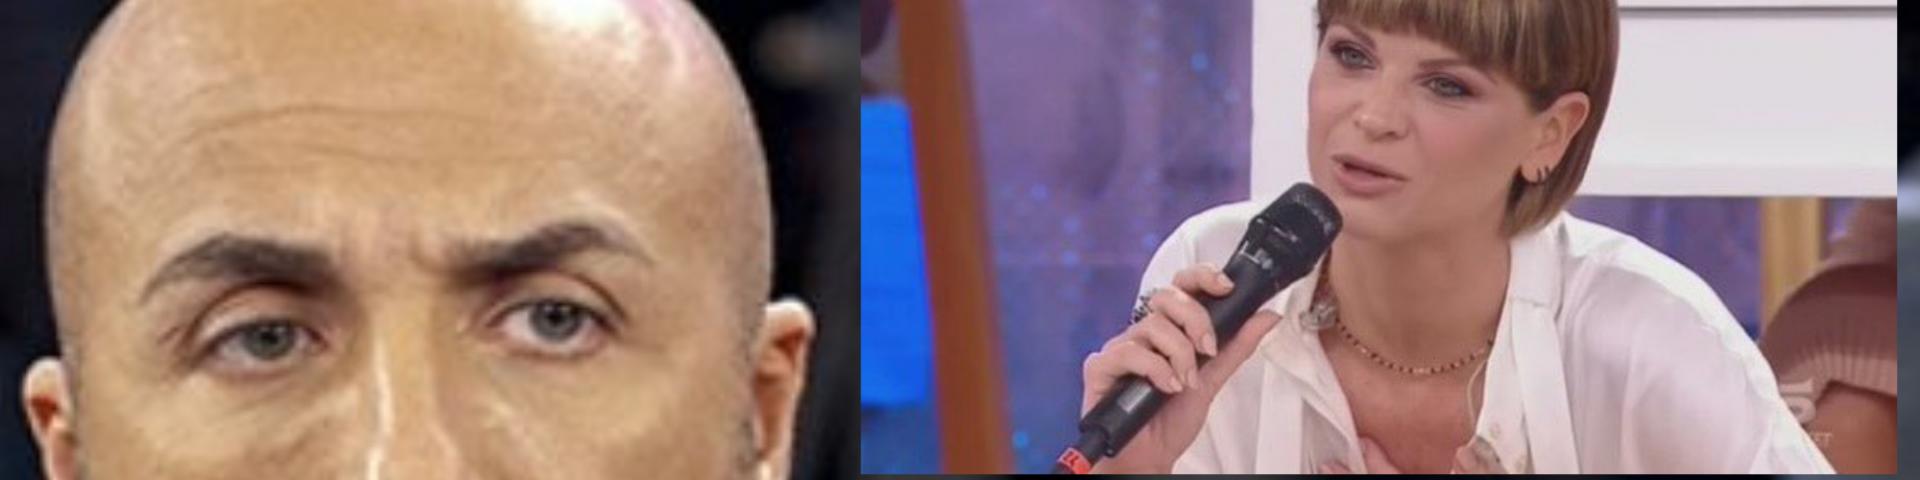 Luca Jurman contro Alessandra Amoroso: ecco perché